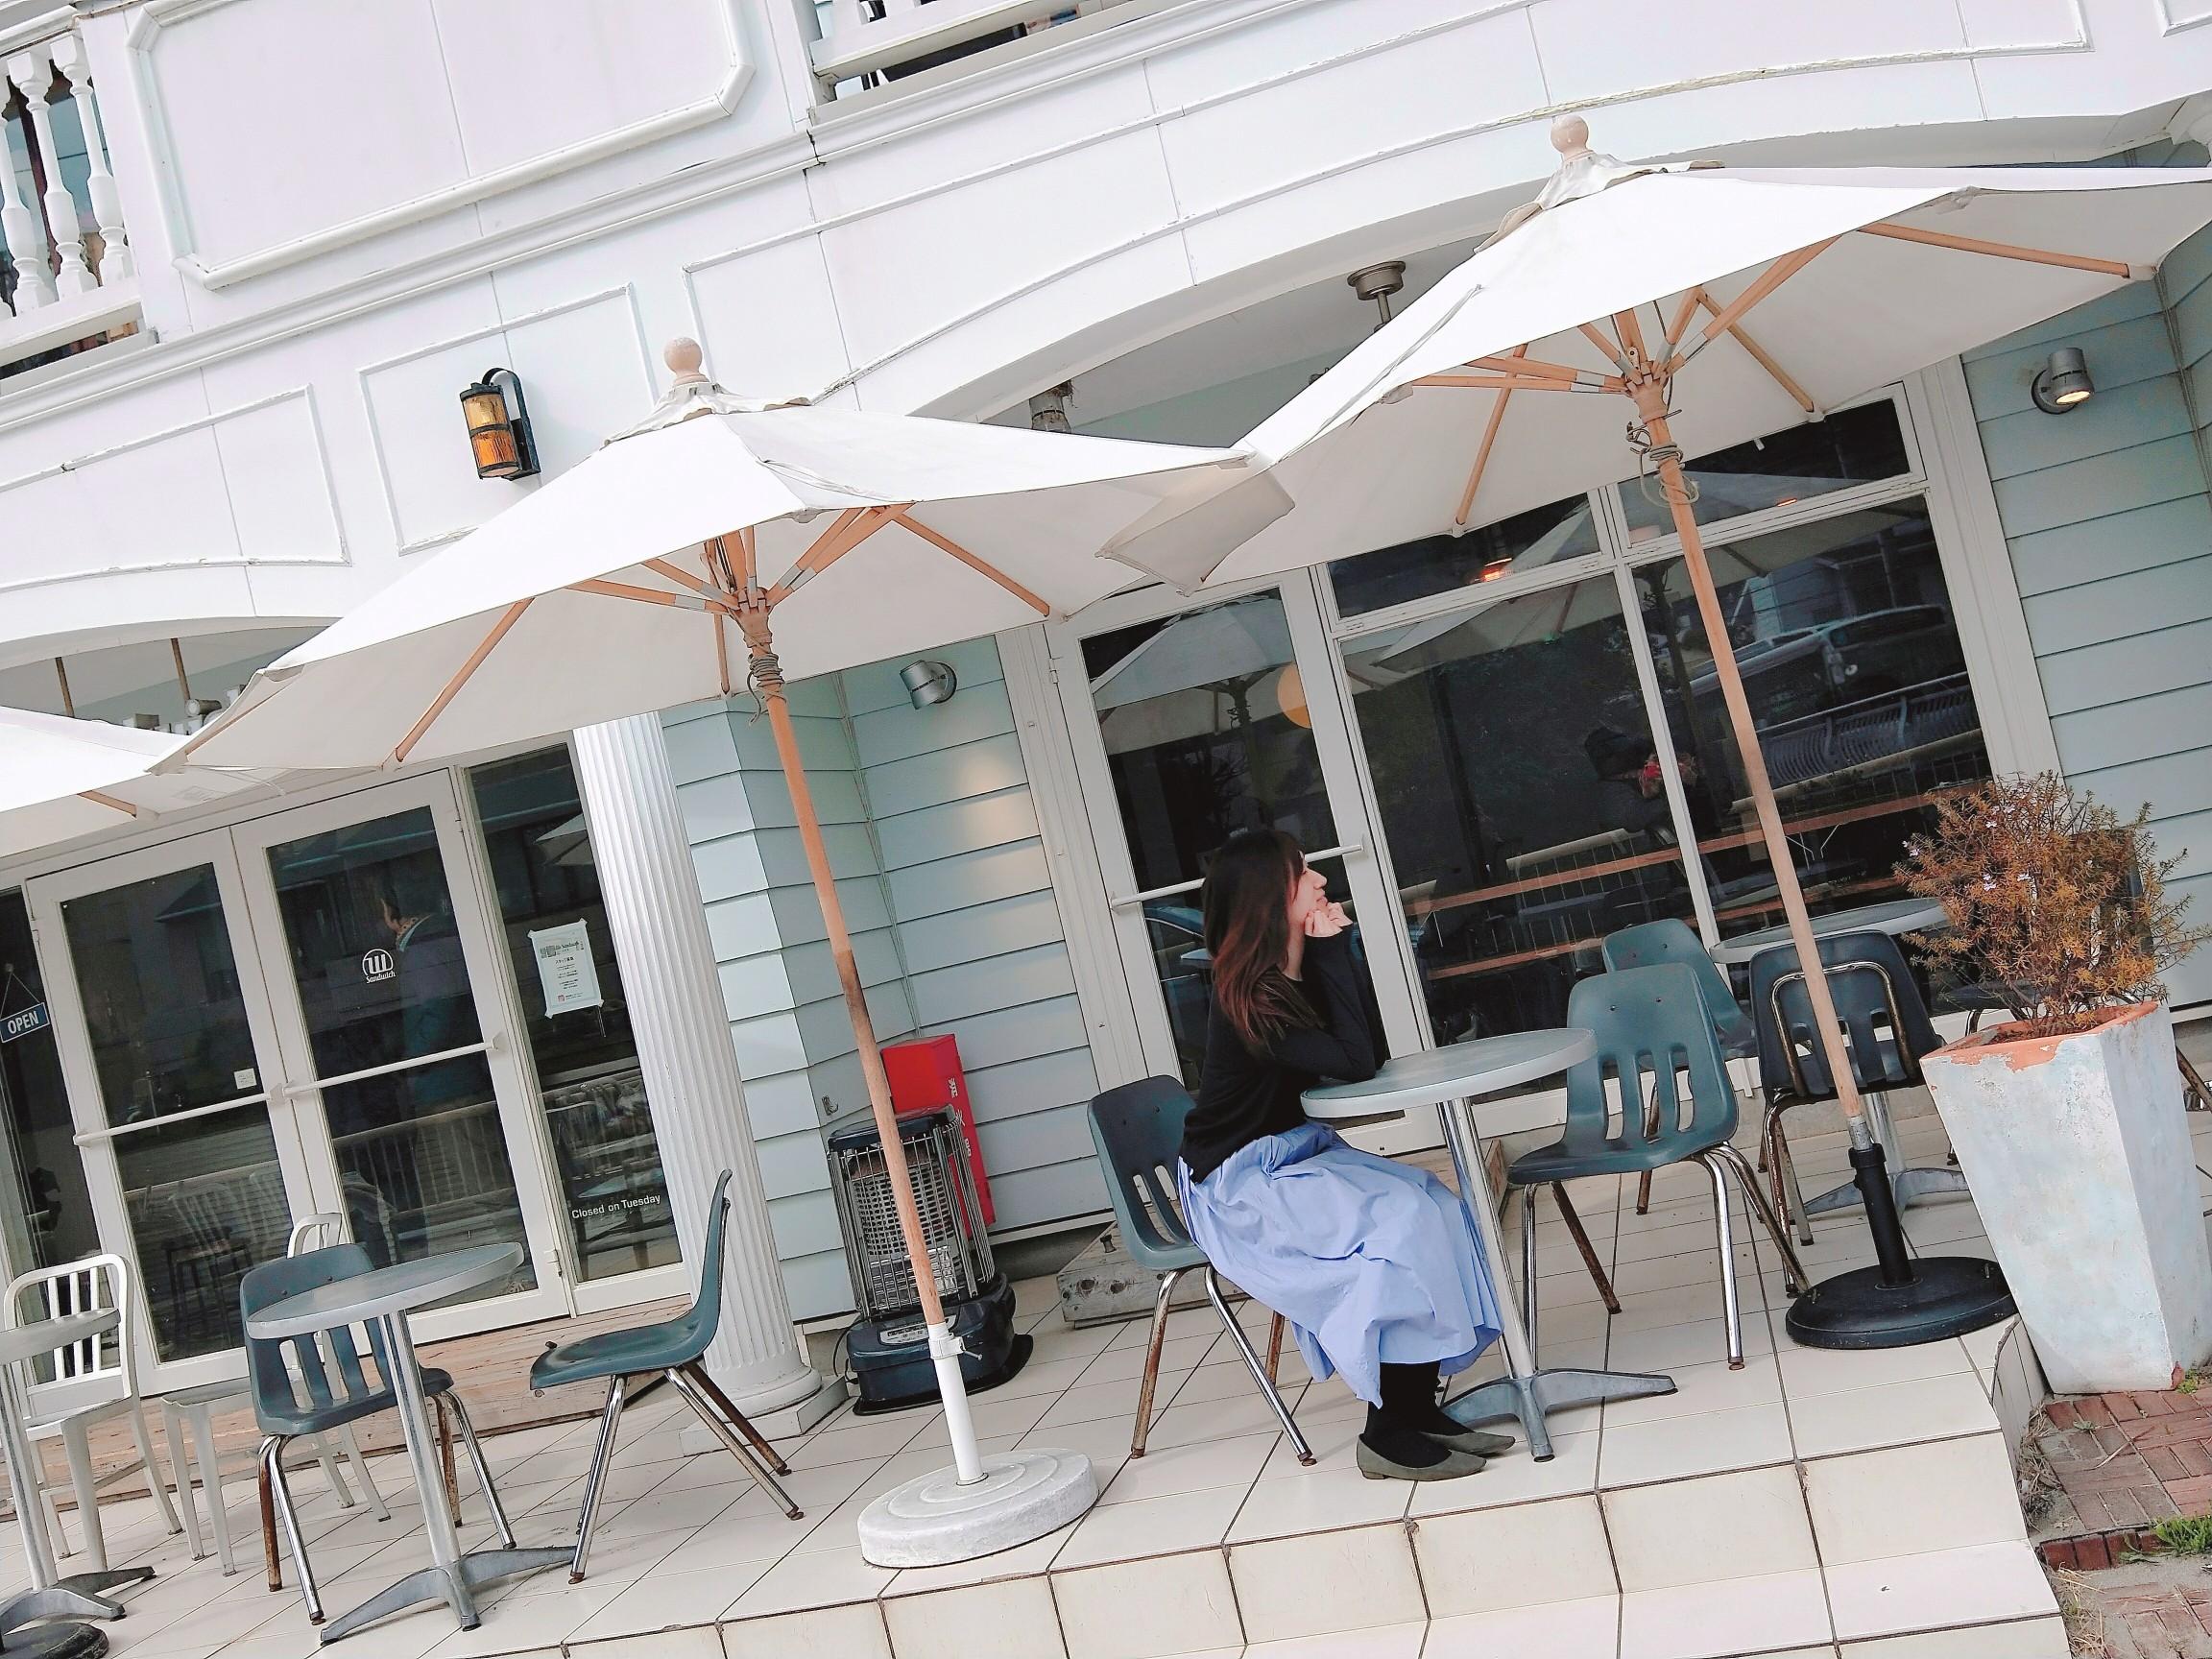 【葉山】森戸海岸近くの可愛いカフェ♡具だくさんサンドイッチがオススメ!_11